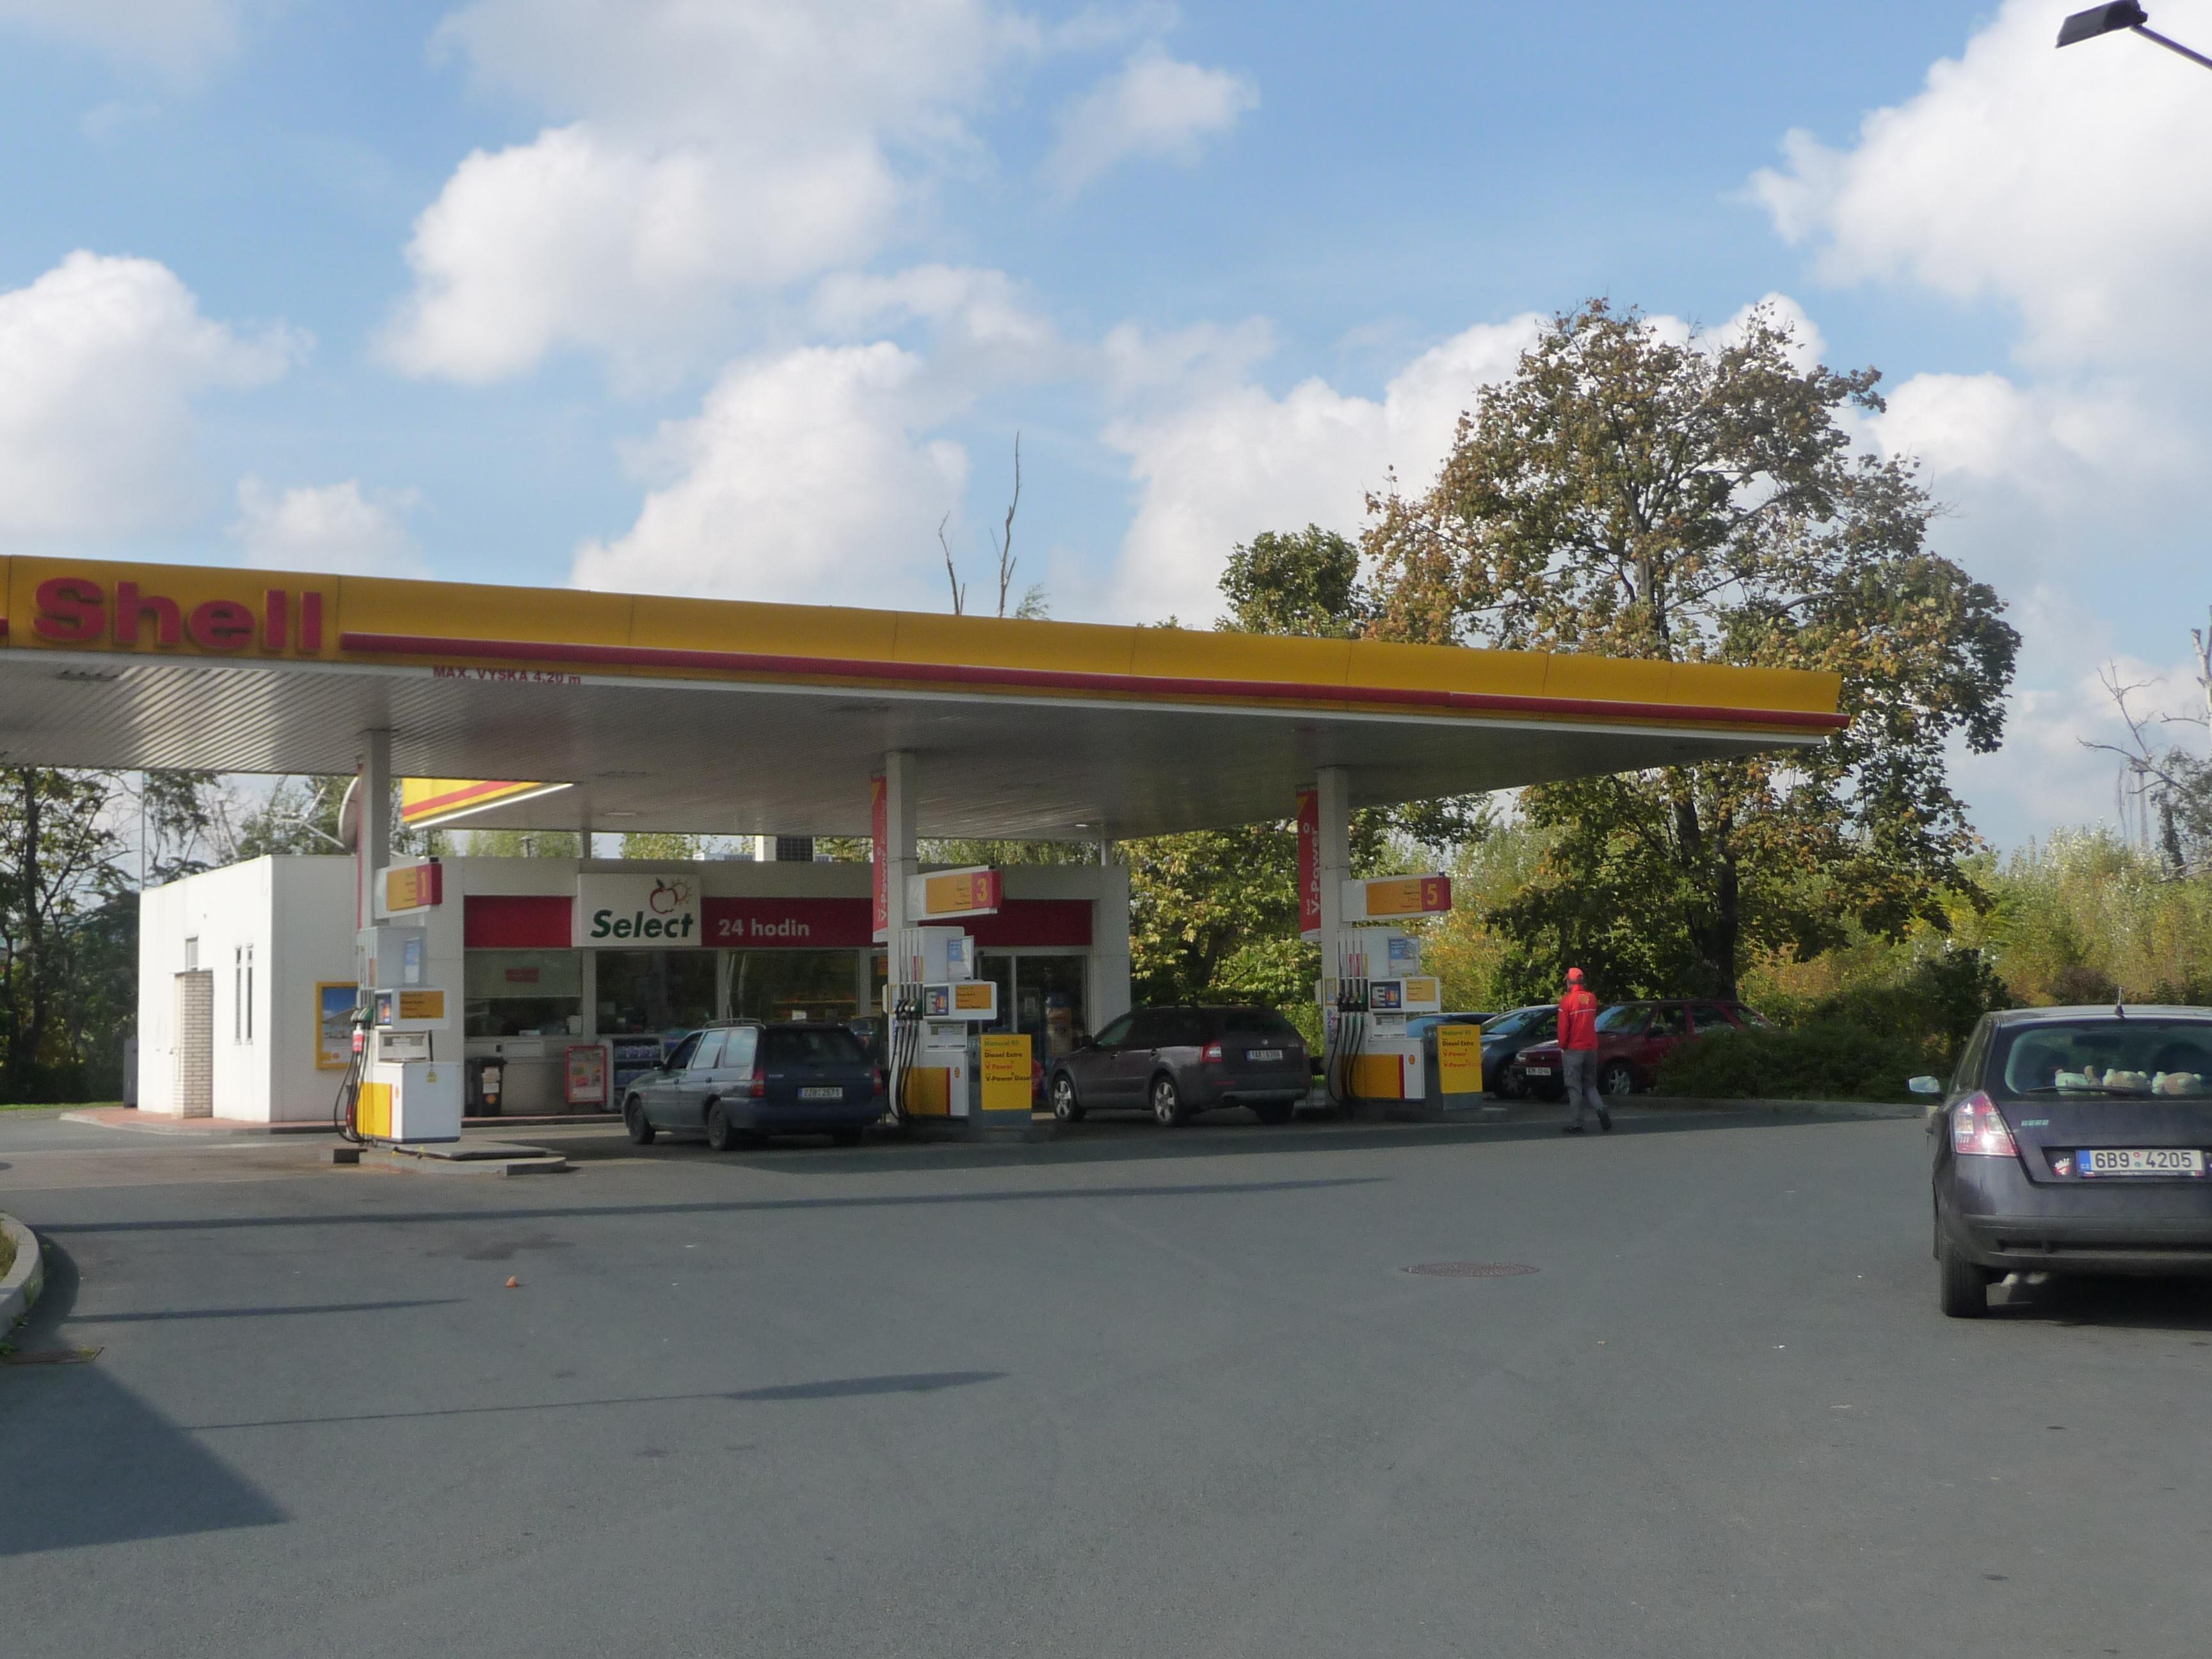 File:Shell gas station, Opuštěná, Brno (1).jpg - Wikimedia Commons